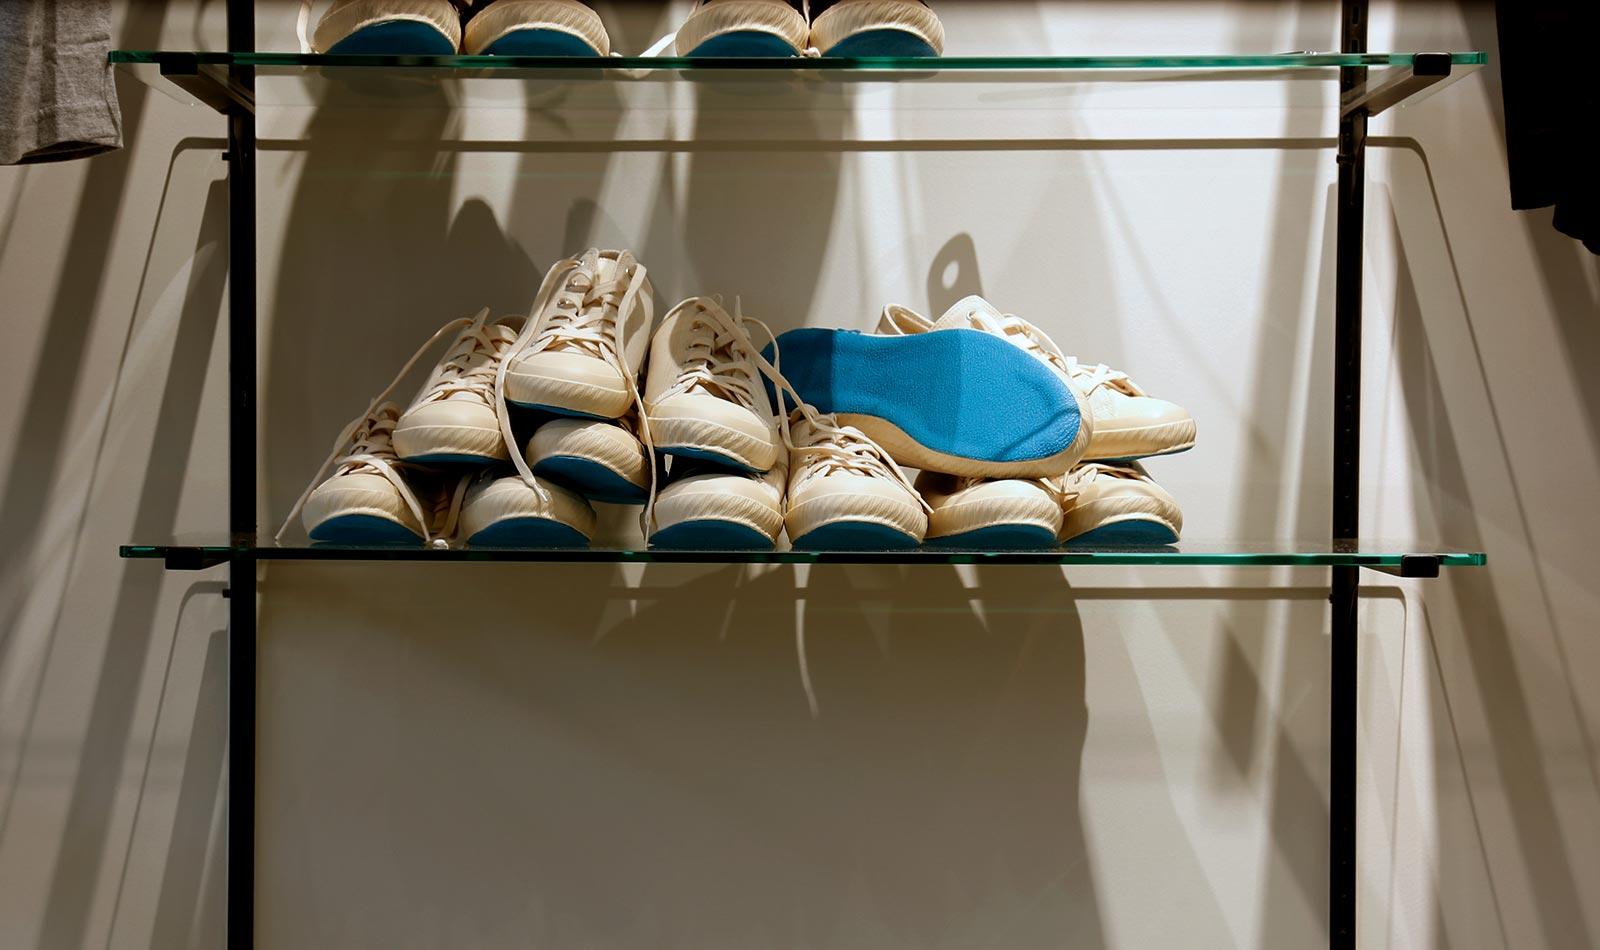 Otb_Shoes